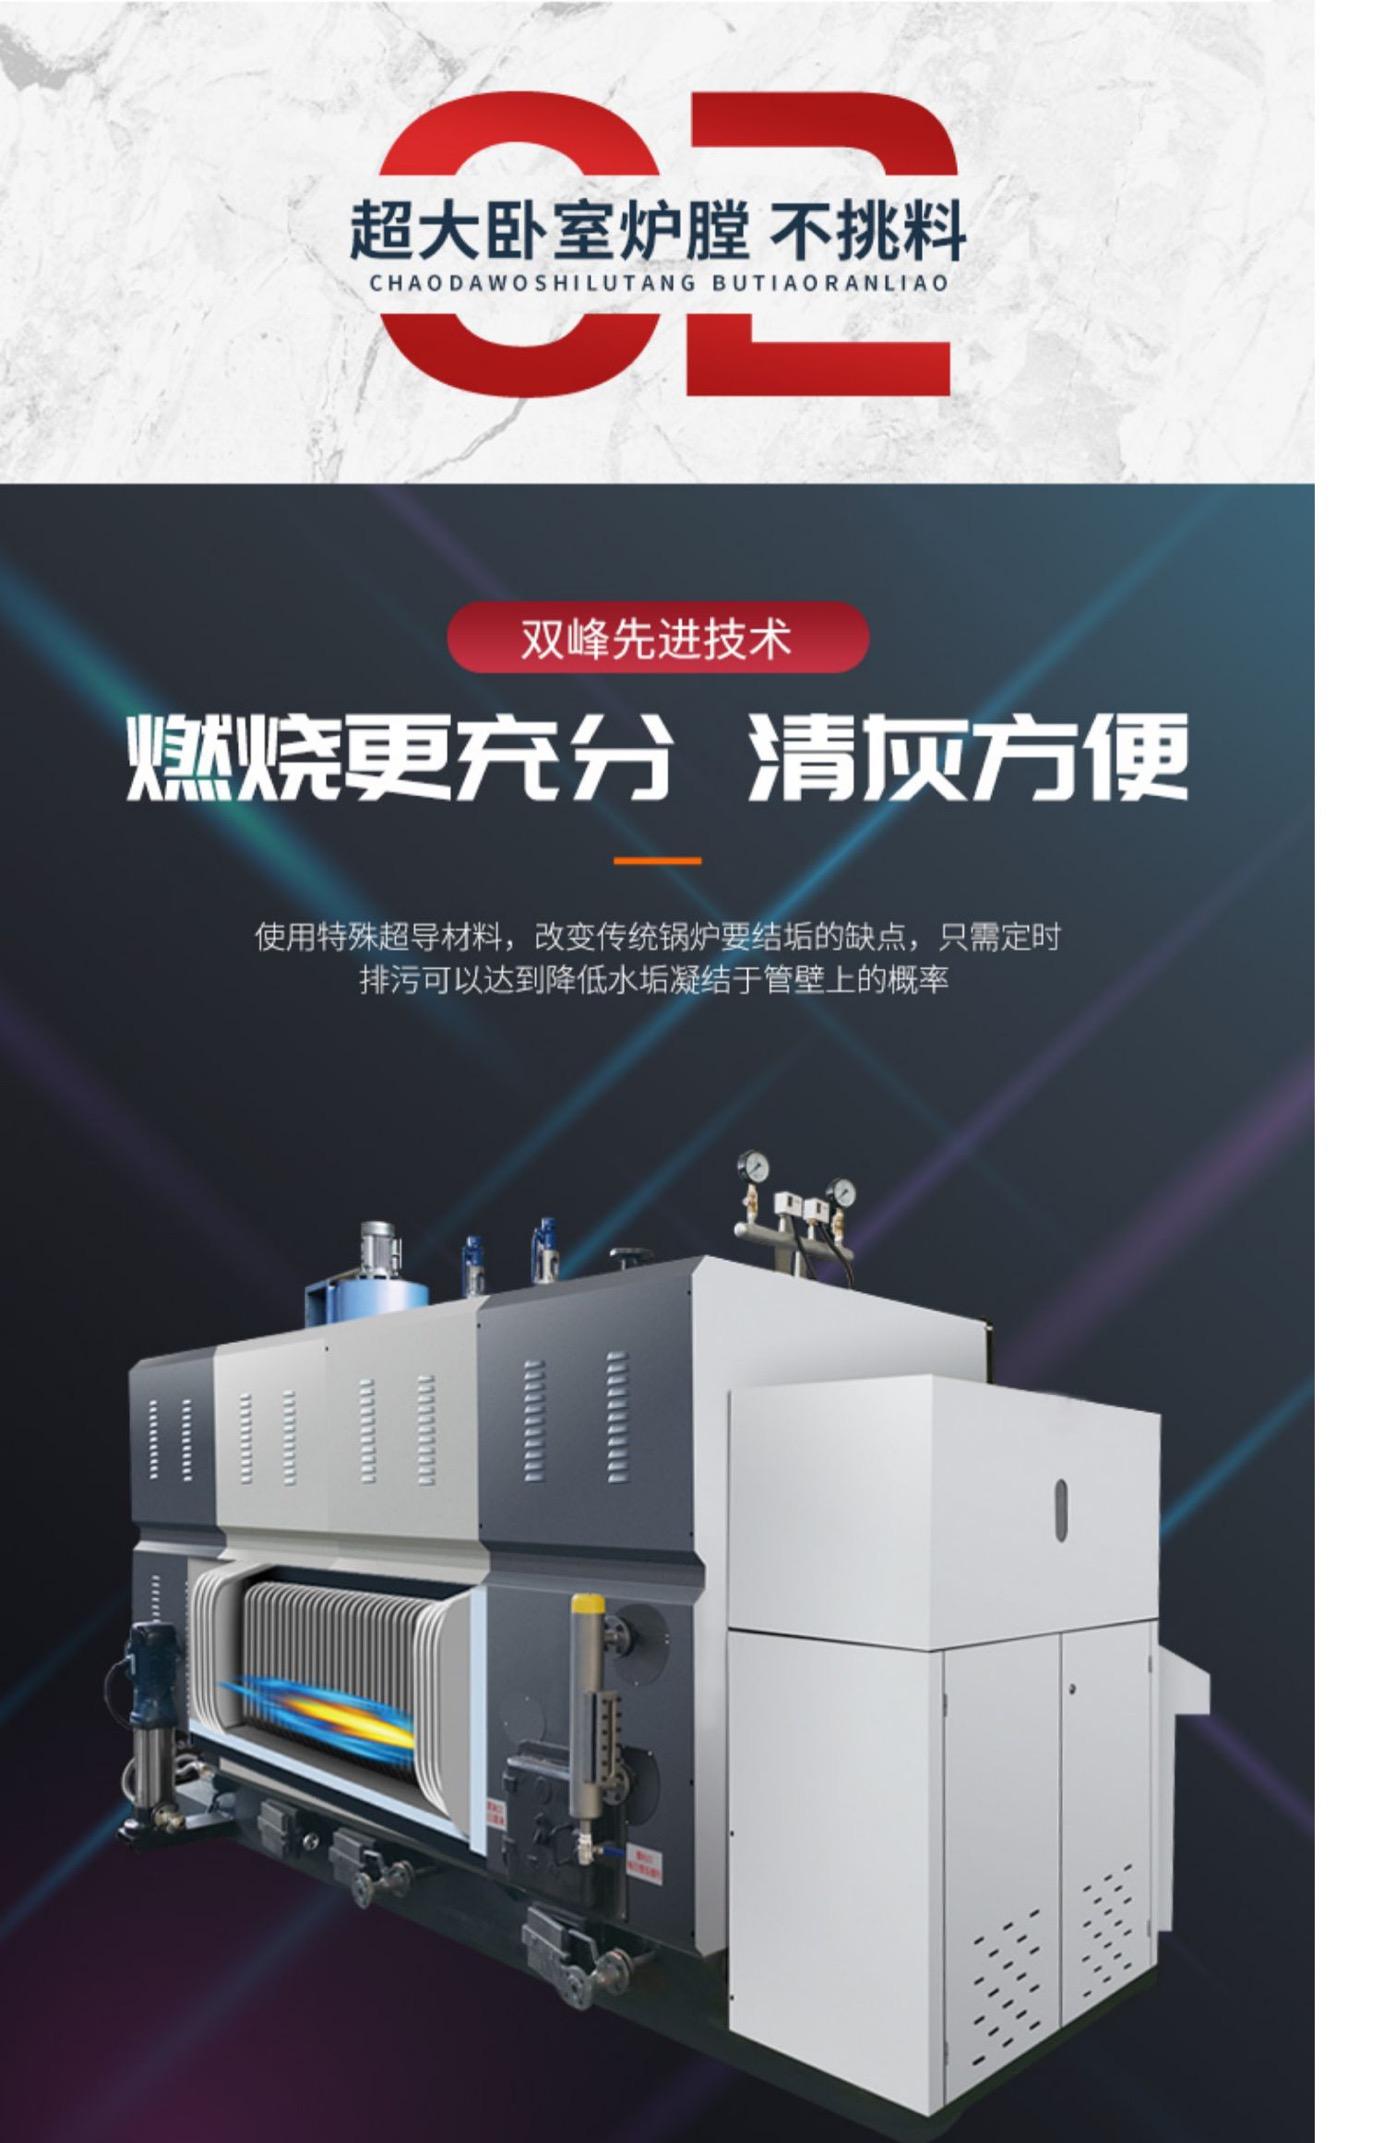 蒸汽发生器 免办证锅炉 生物质颗粒蒸汽发生器 天然气燃油蒸汽发生器